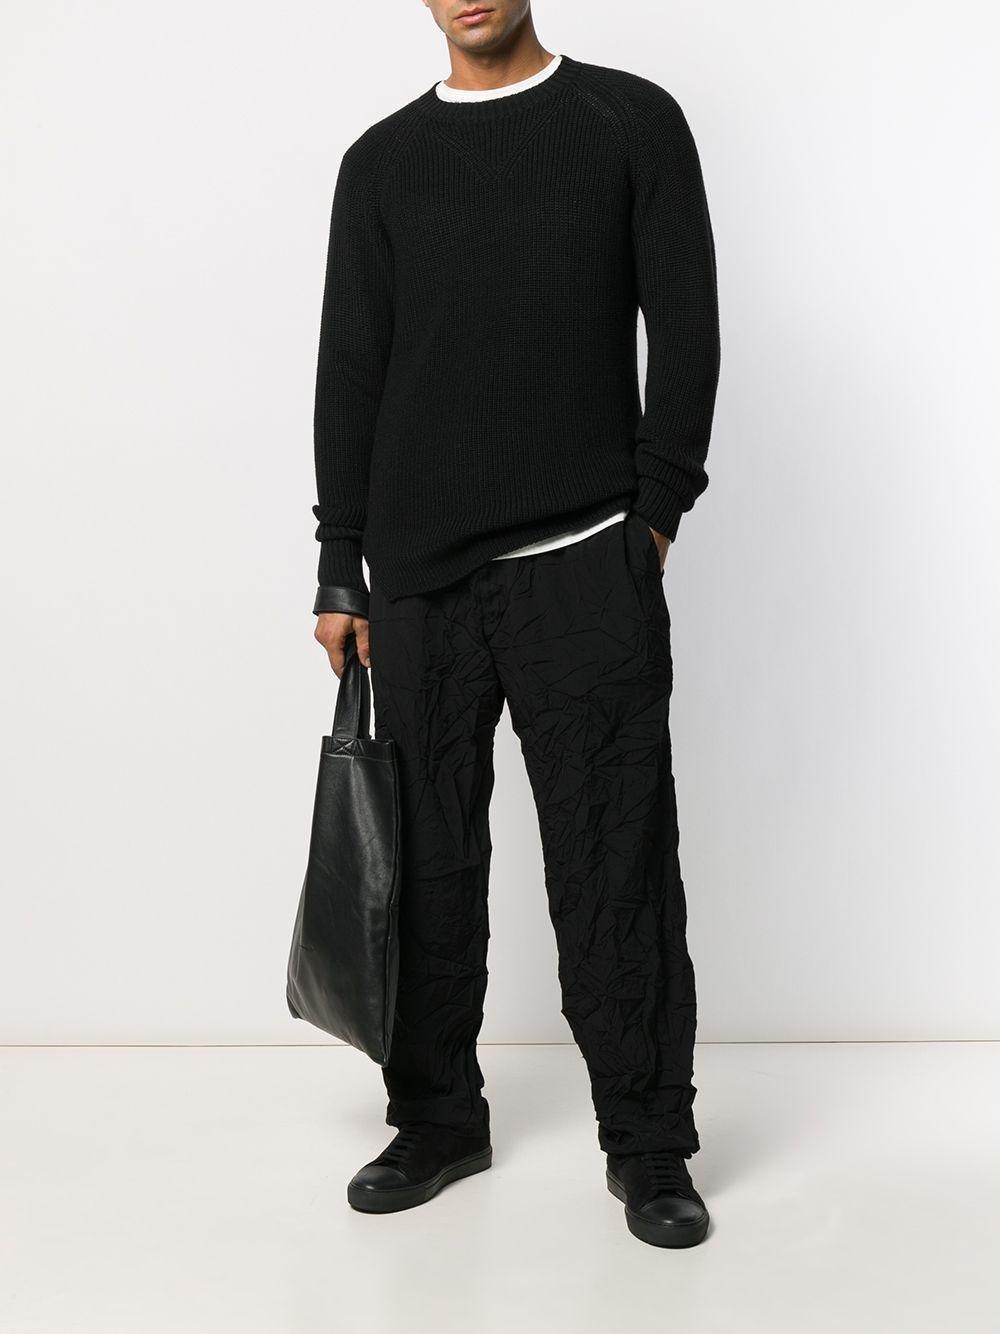 Yohji Yamamoto Wol Geribbelde Trui in het Zwart voor heren